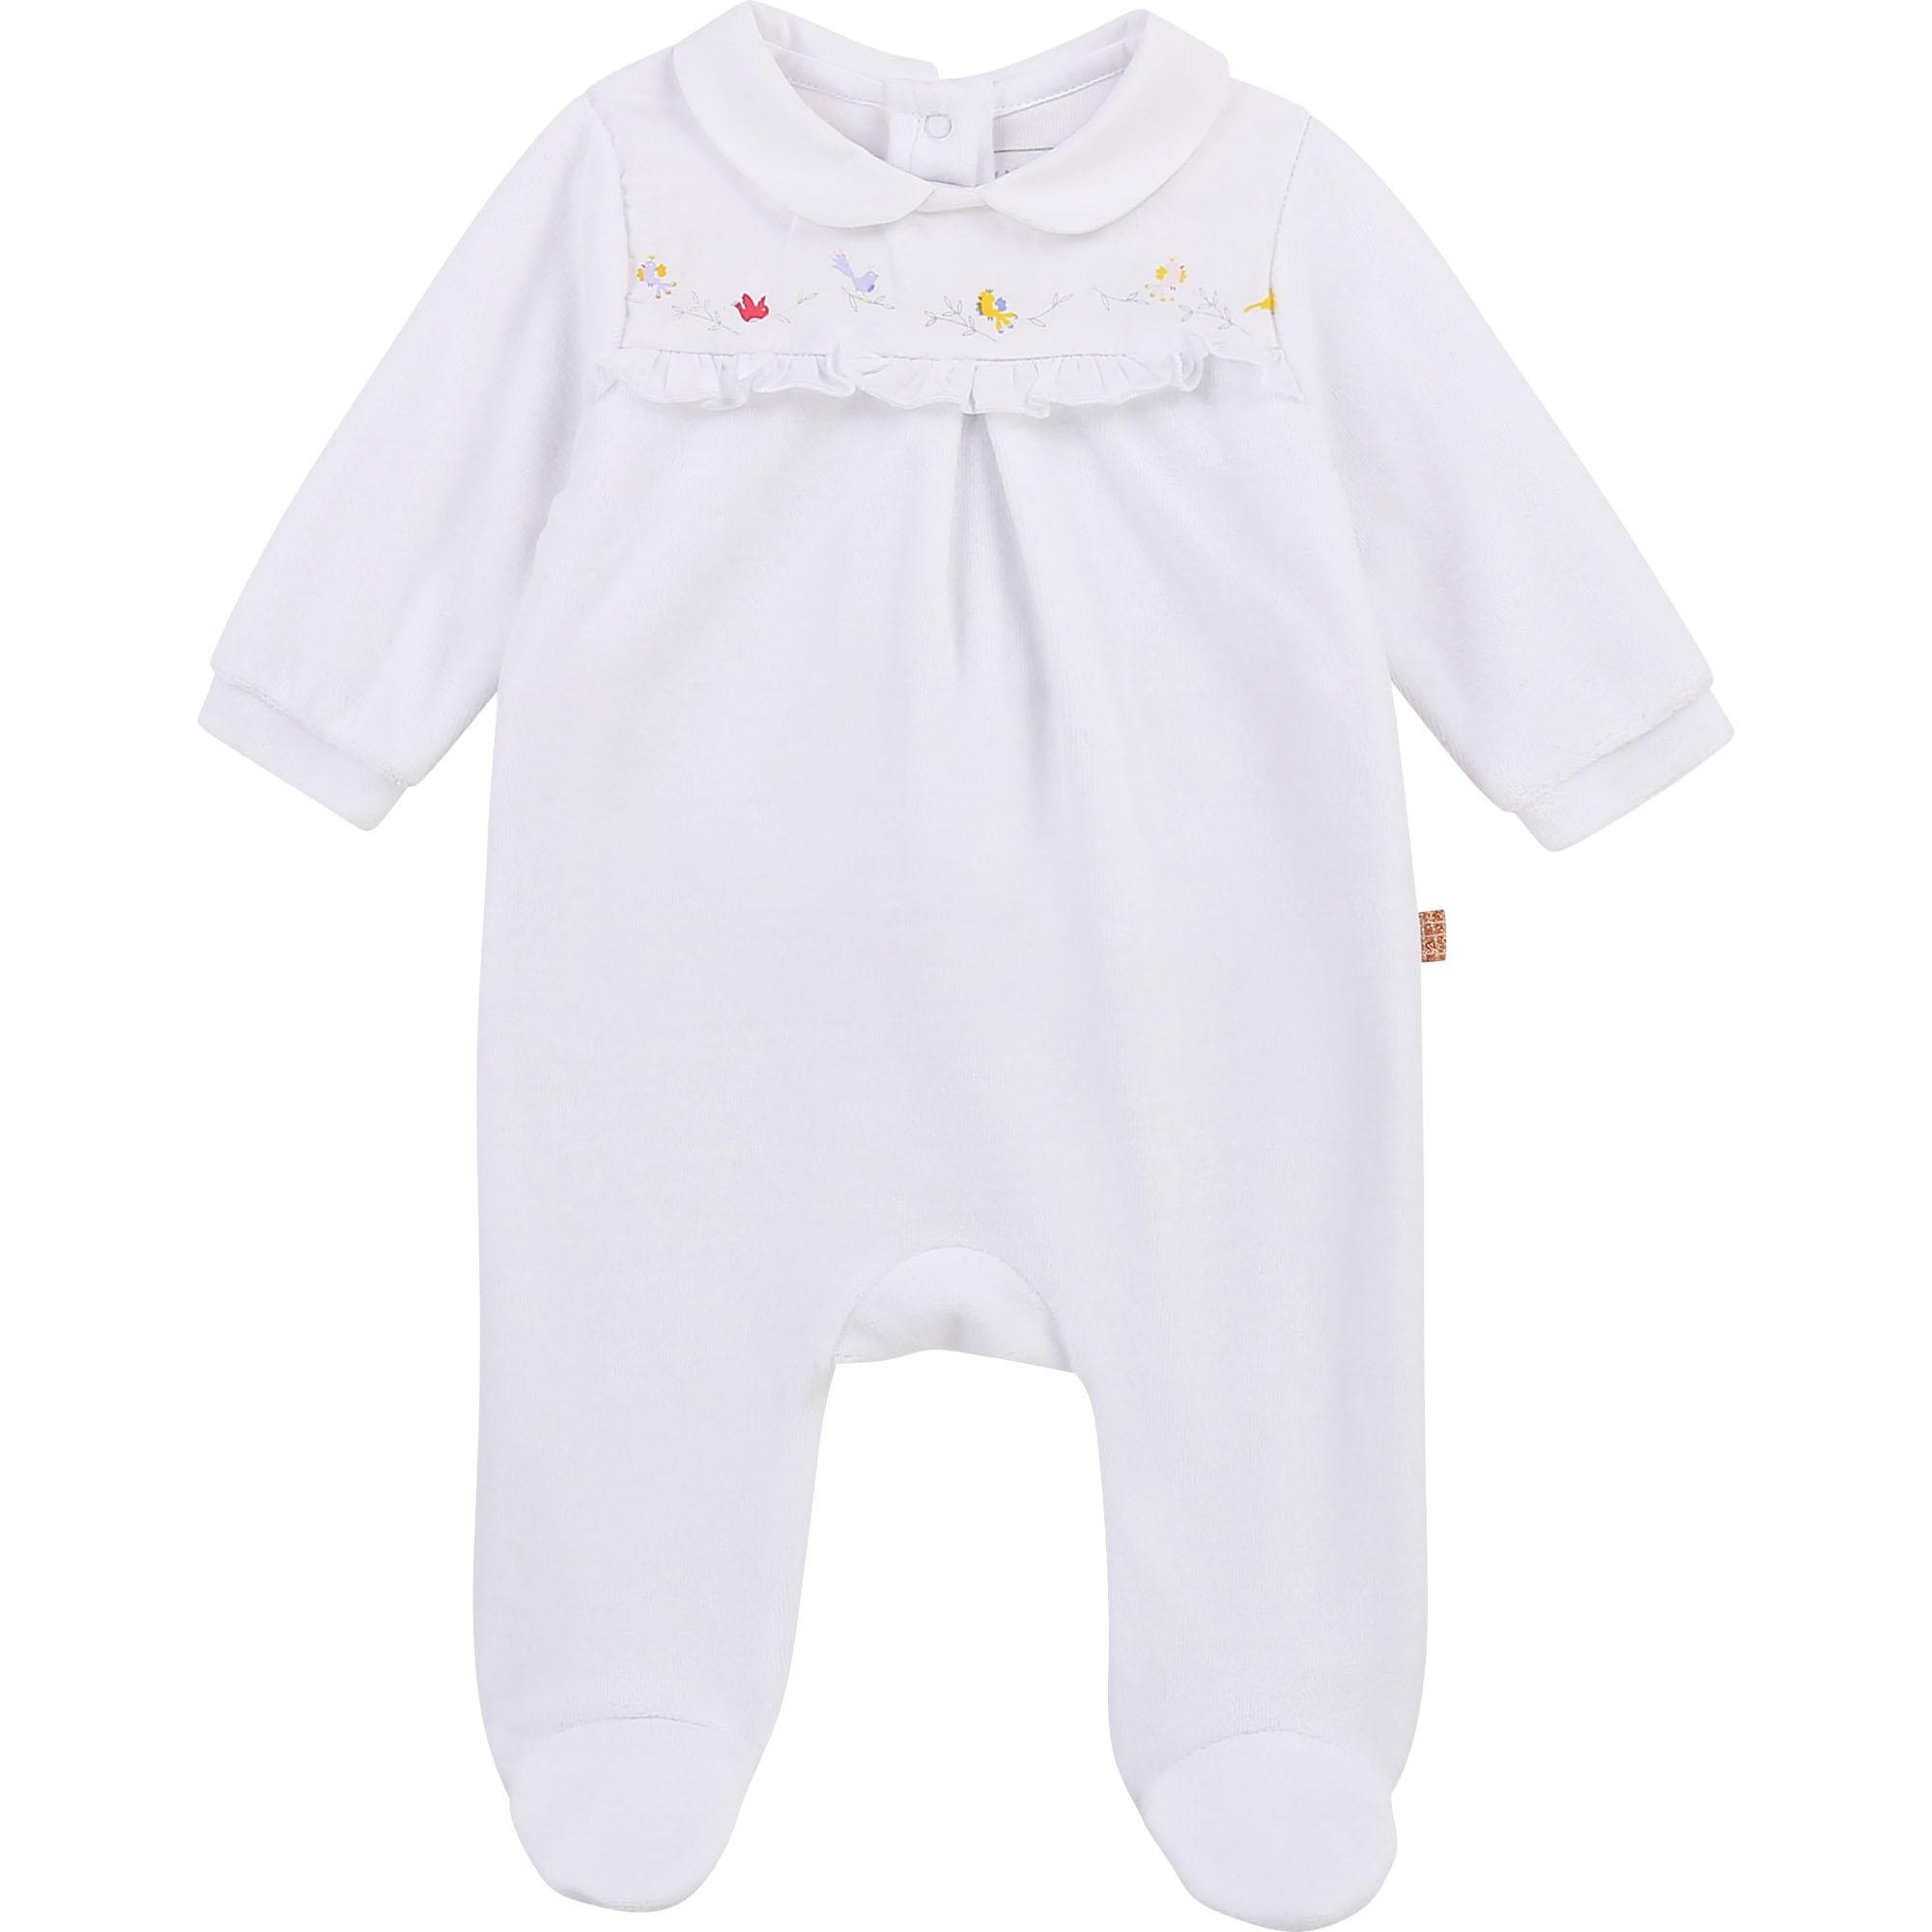 Pyjama en coton biologique avec boîte CARREMENT BEAU BEBE COUCHE FILLE Blanc